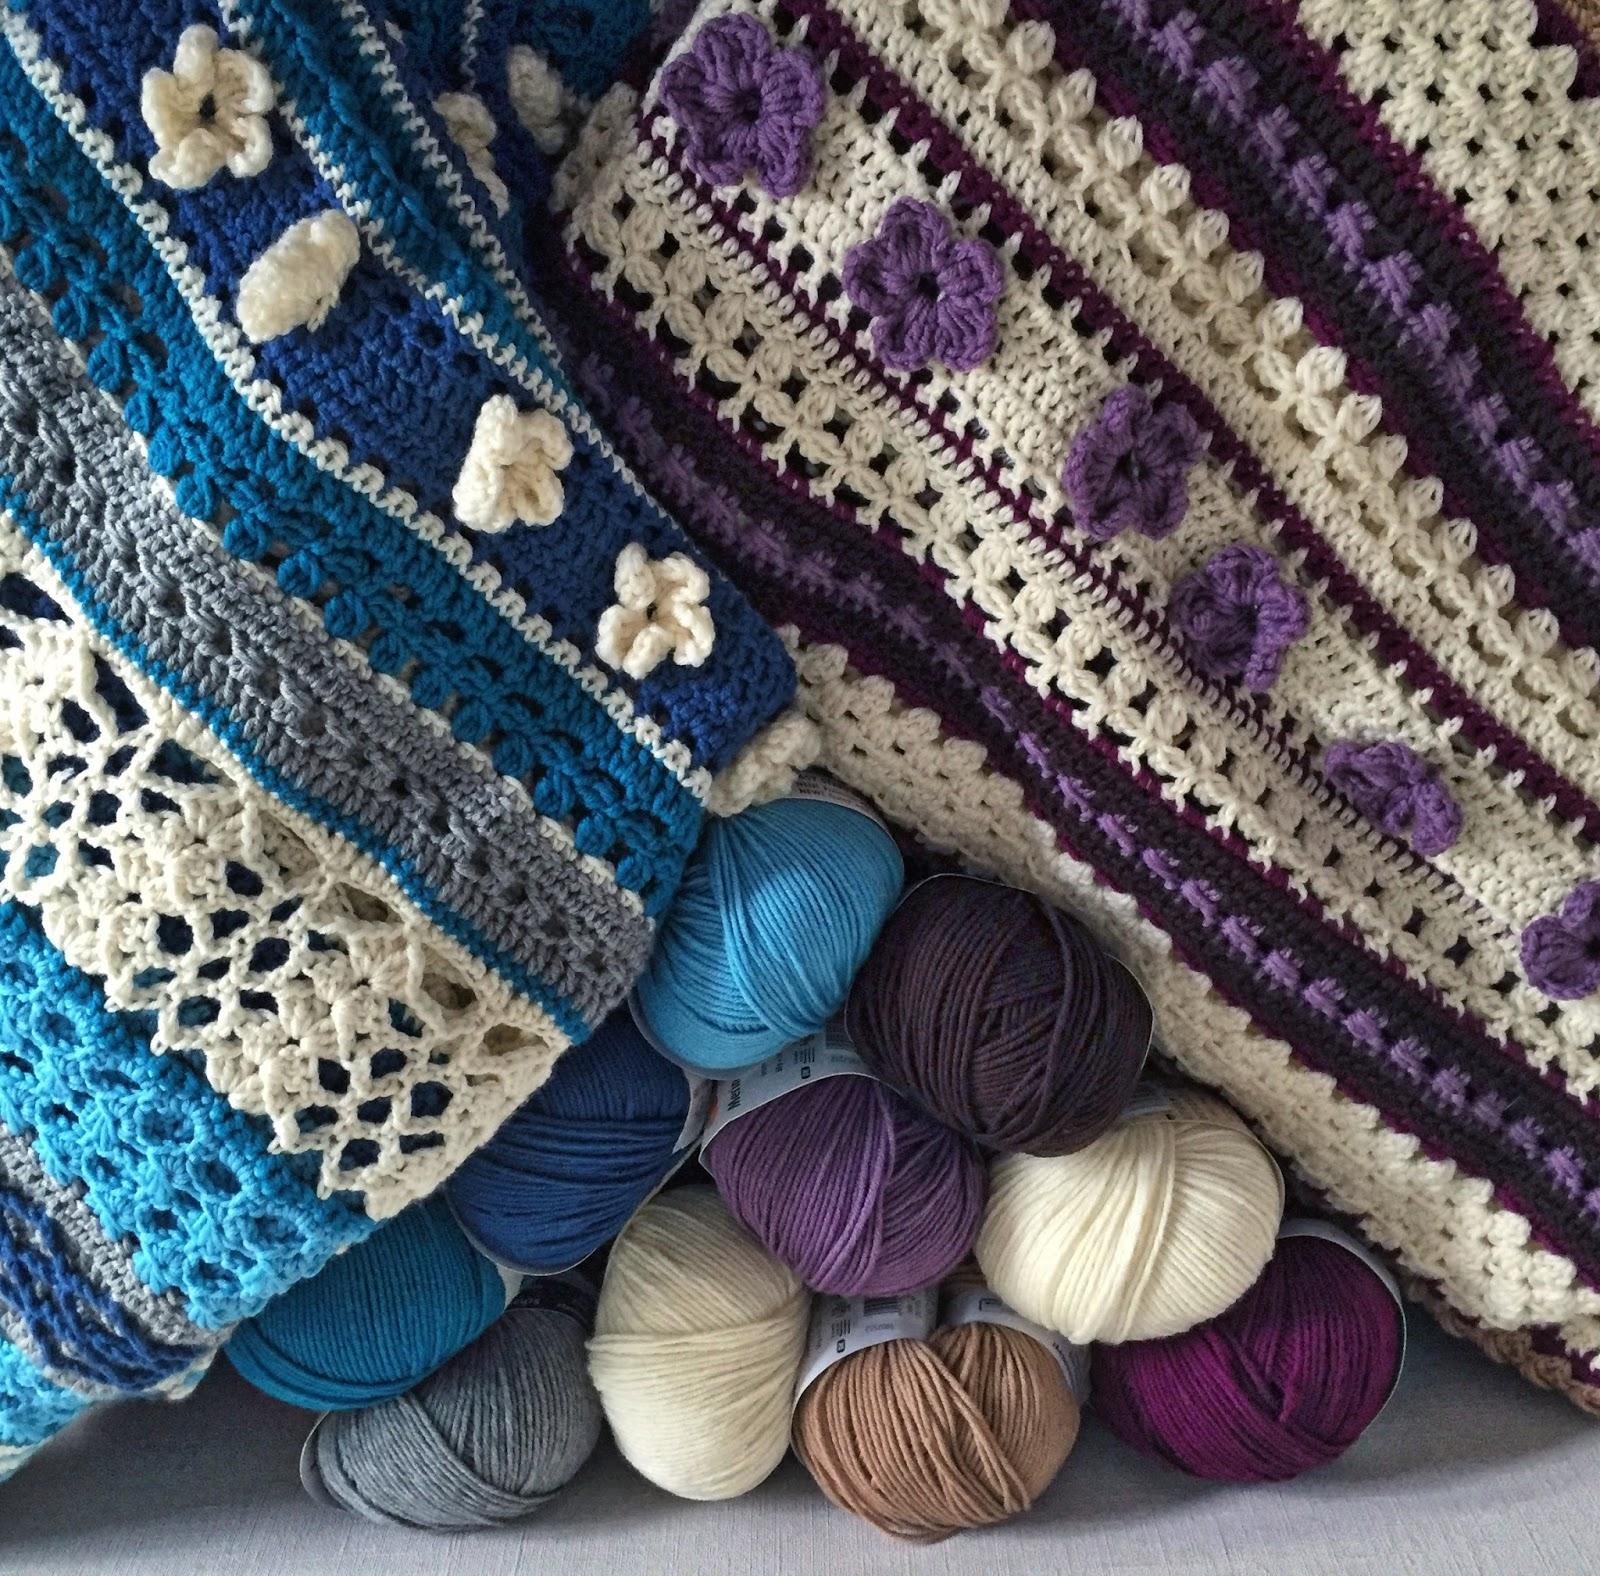 ... crochet crochet along 2016 haken mix n match crochet along 2016 week39